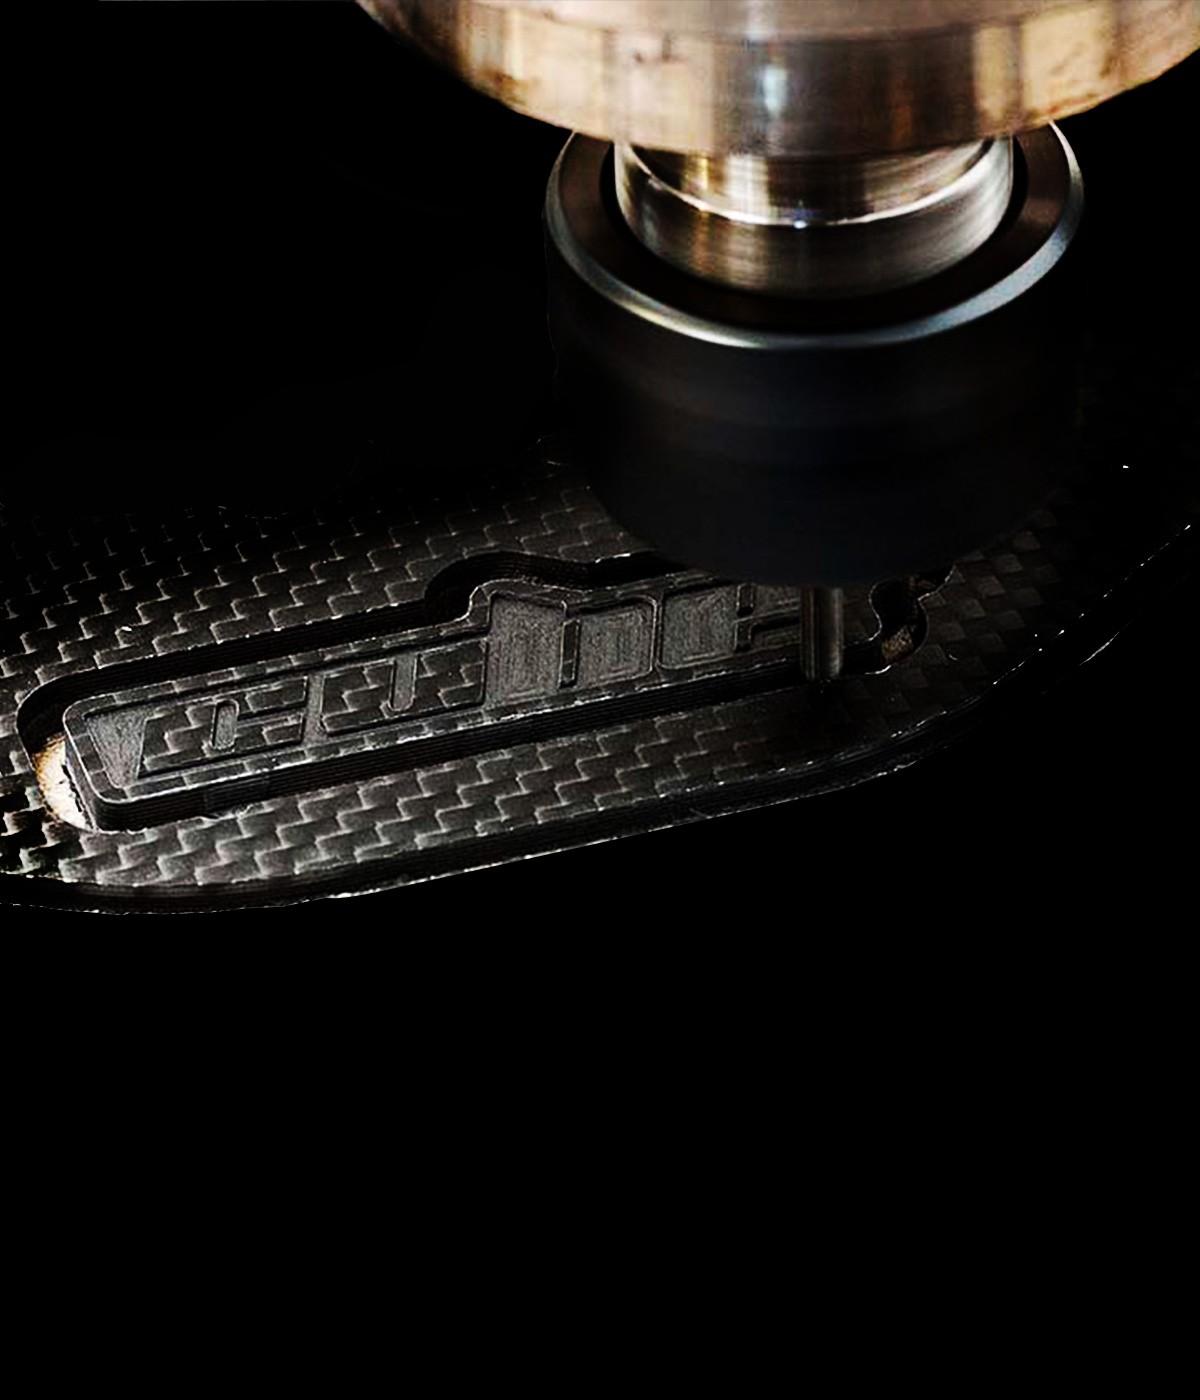 shop.gperformance.eu - Cube Controls Formula CSX 2 PC USB pure carbon fibre professional sim racing wheel Fanatec Logitech Thurstmaster Accuforce SimuCube 2 G-Performance